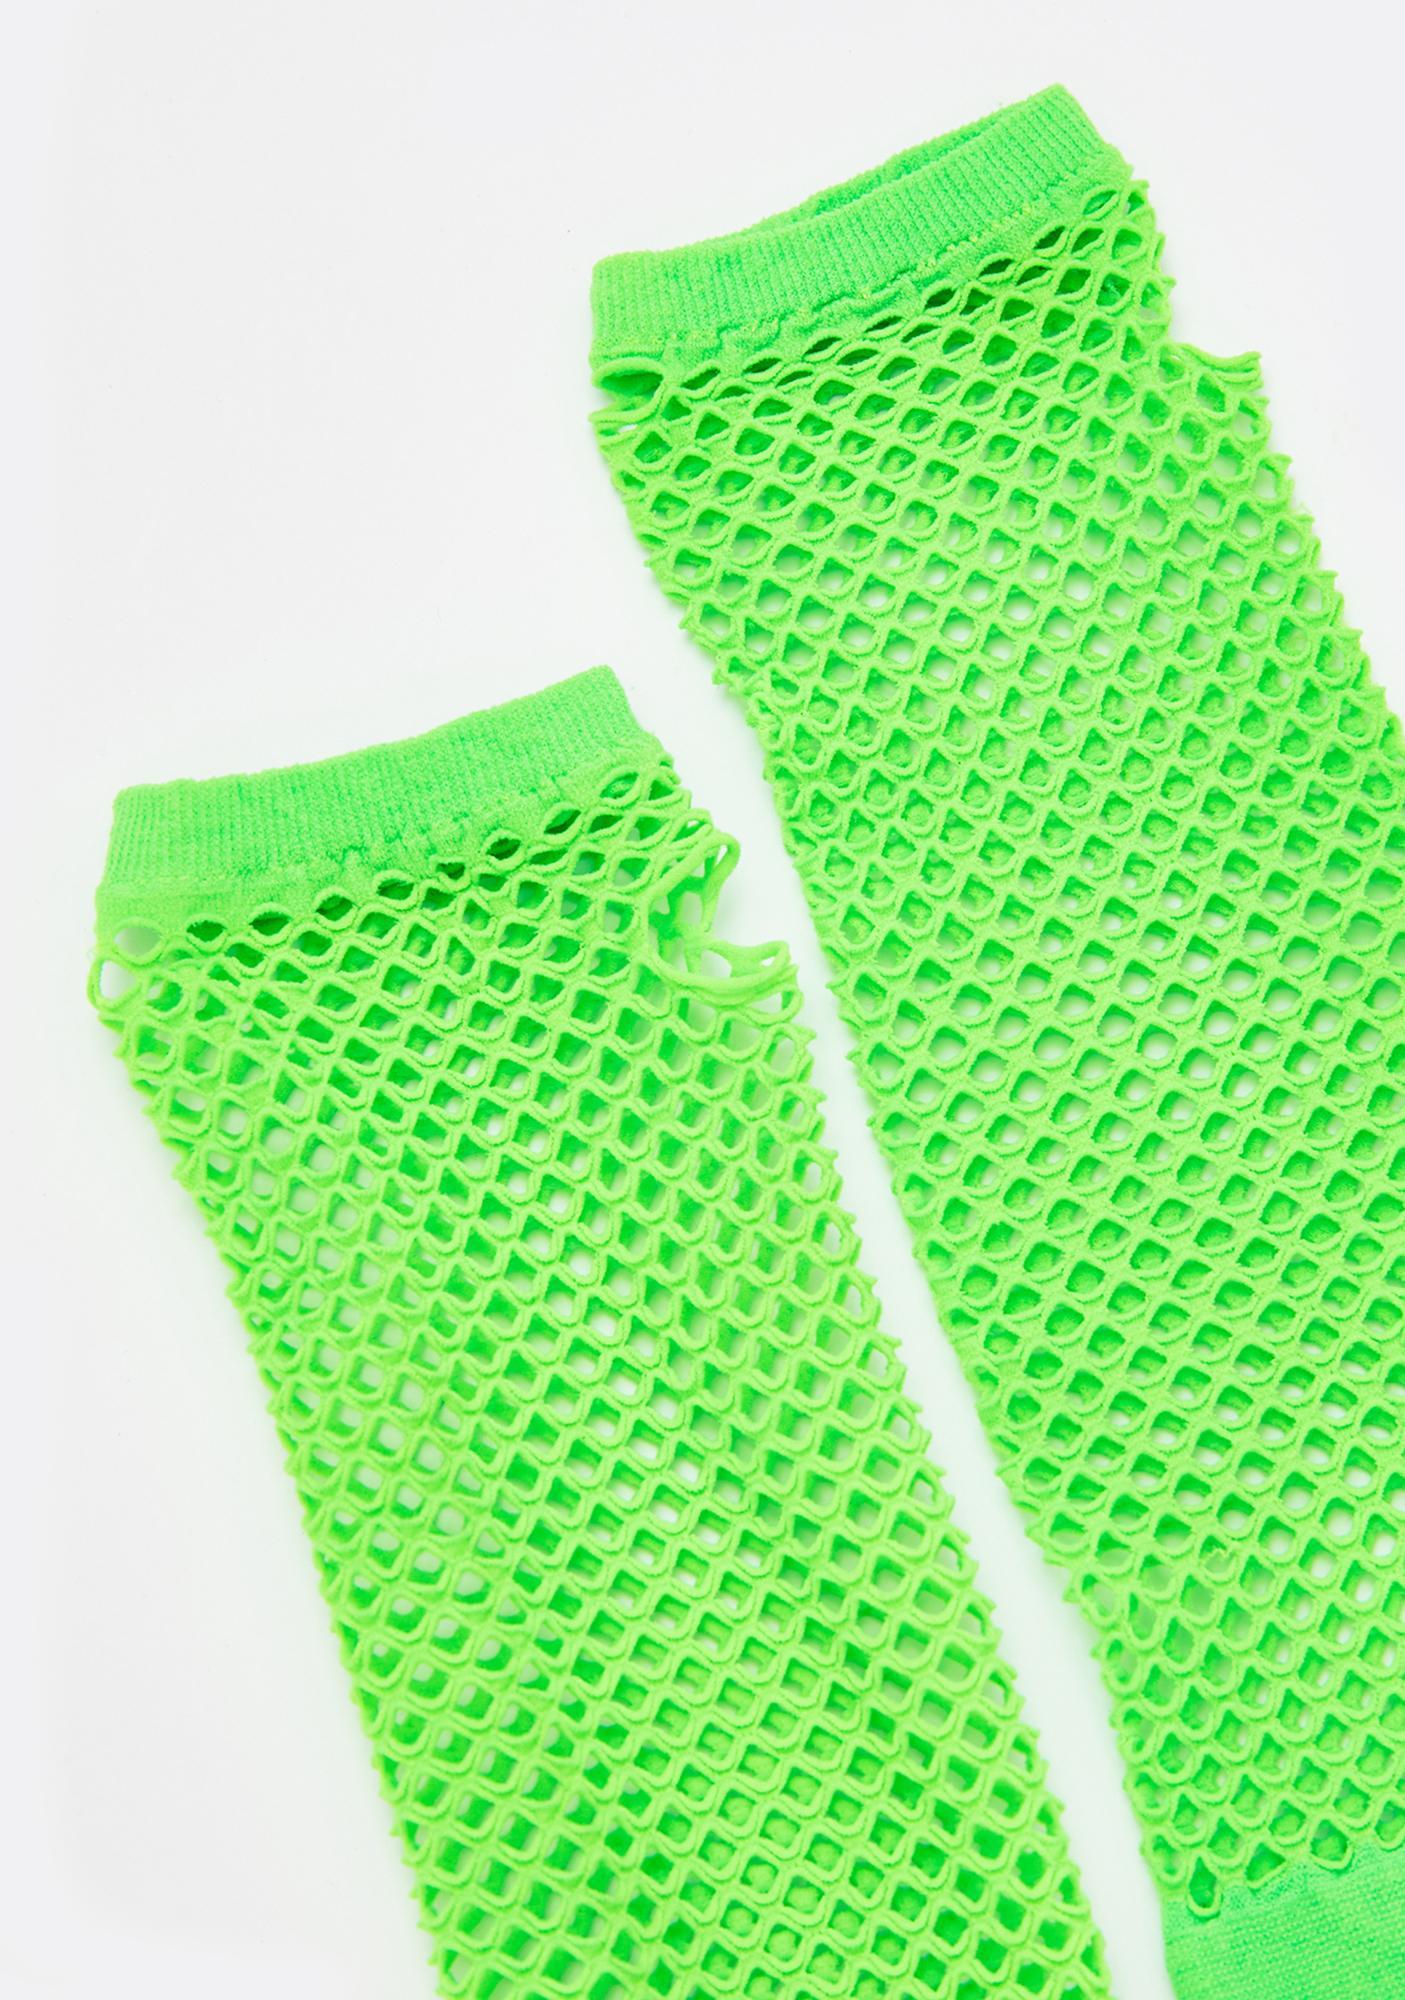 Acidic Elixir Fishnet Gloves